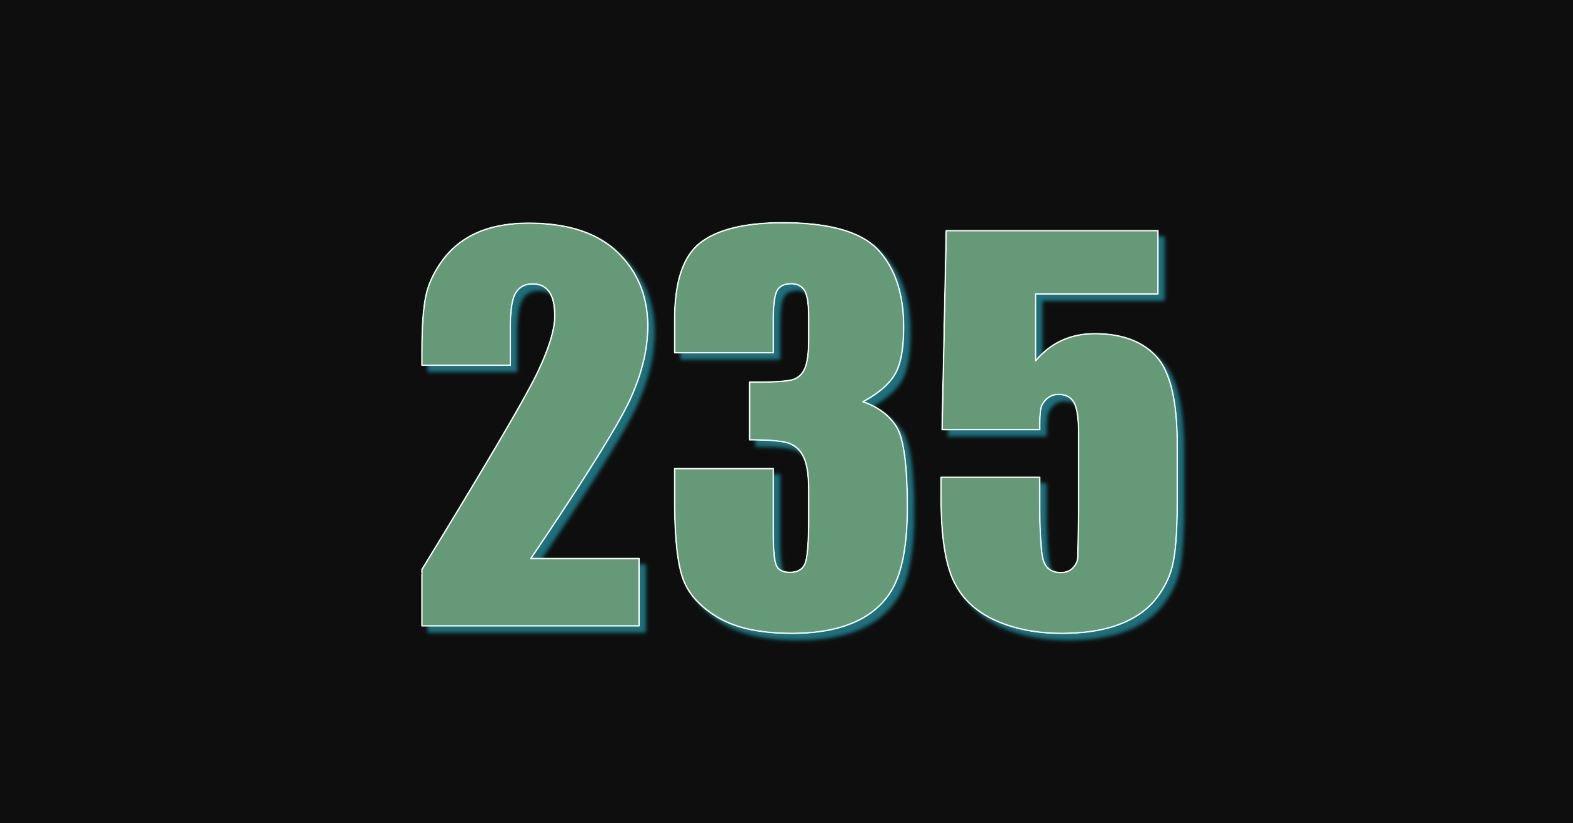 Die Bedeutung der Zahl 235